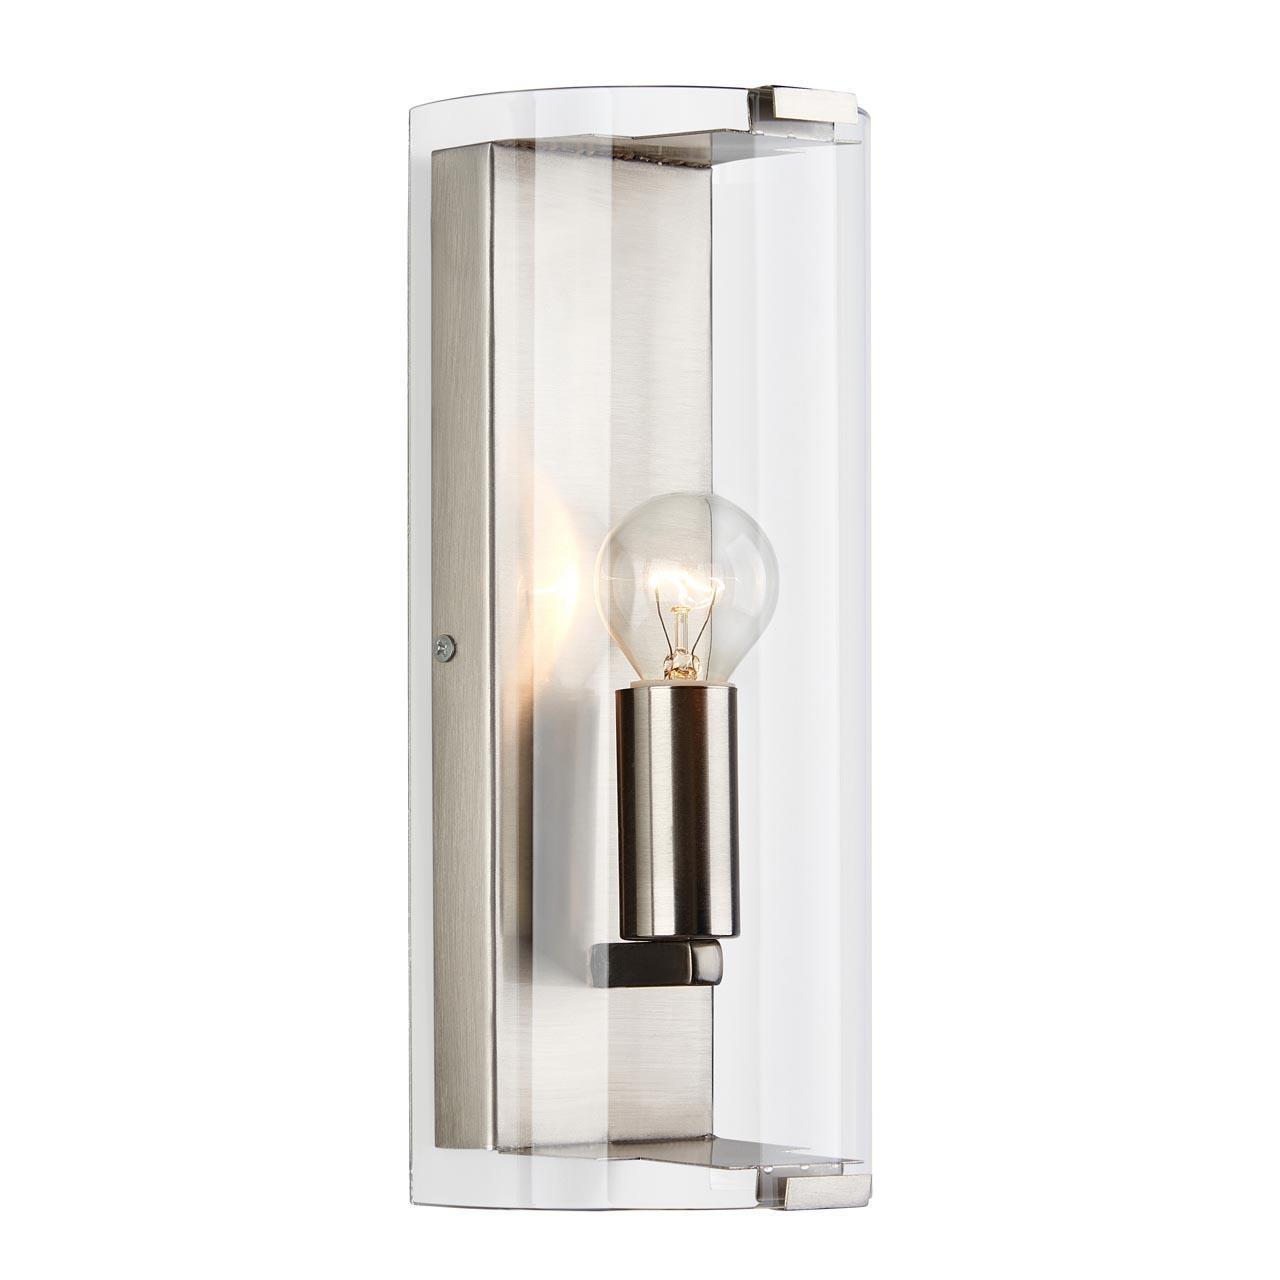 Настенный светильник Markslojd Forum 107016 markslojd настенный светильник markslojd mellerud 100008